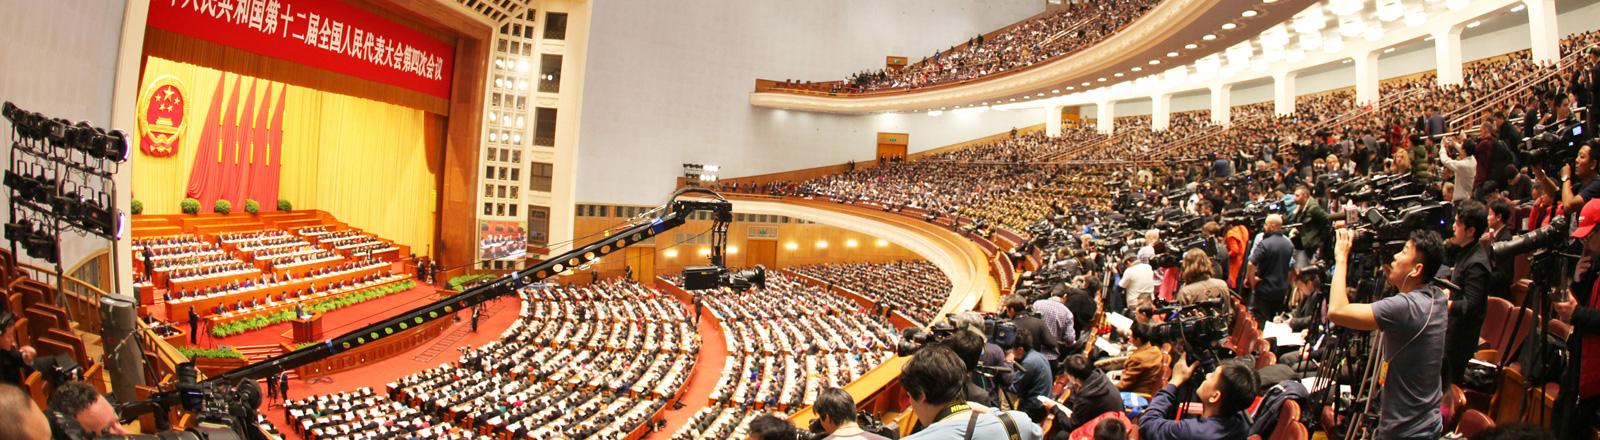 Die Große Halle während der Jahrestagung des chinesischen Volkskongresses am 5. März 2016; Foto: dpa